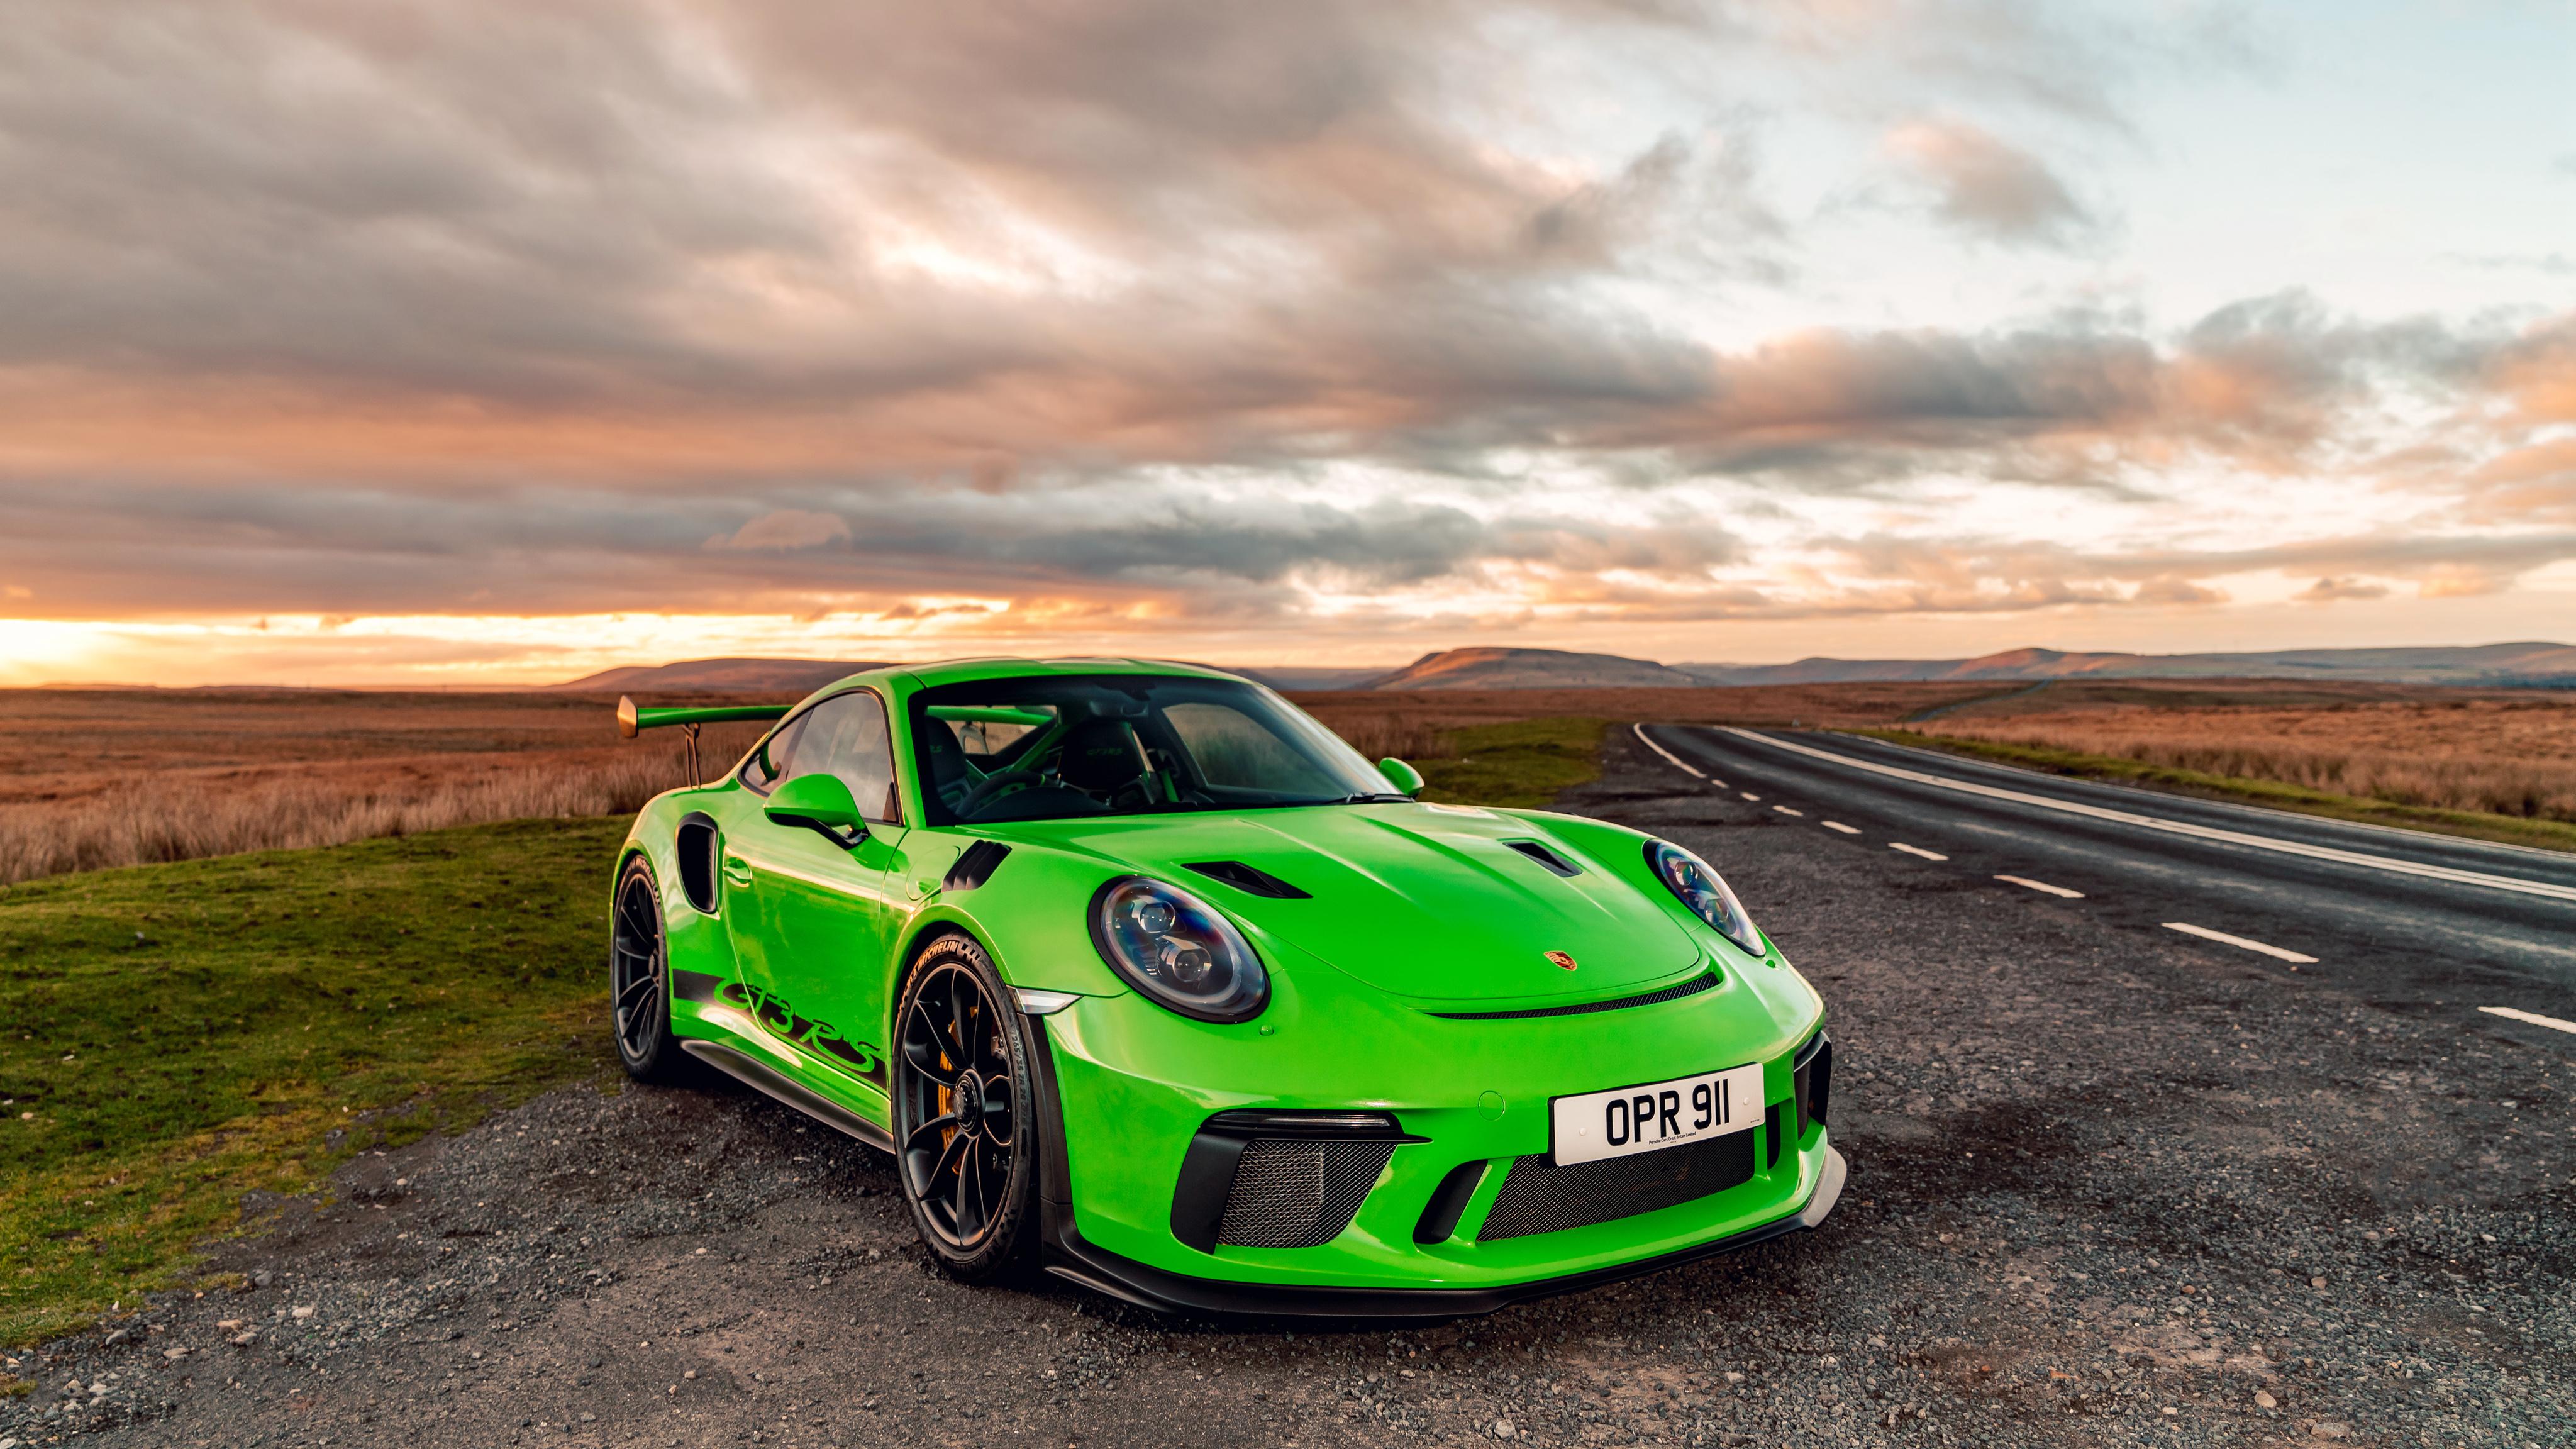 2019 Porsche 911 Gt3 Rs 4096x2304 Download Hd Wallpaper Wallpapertip